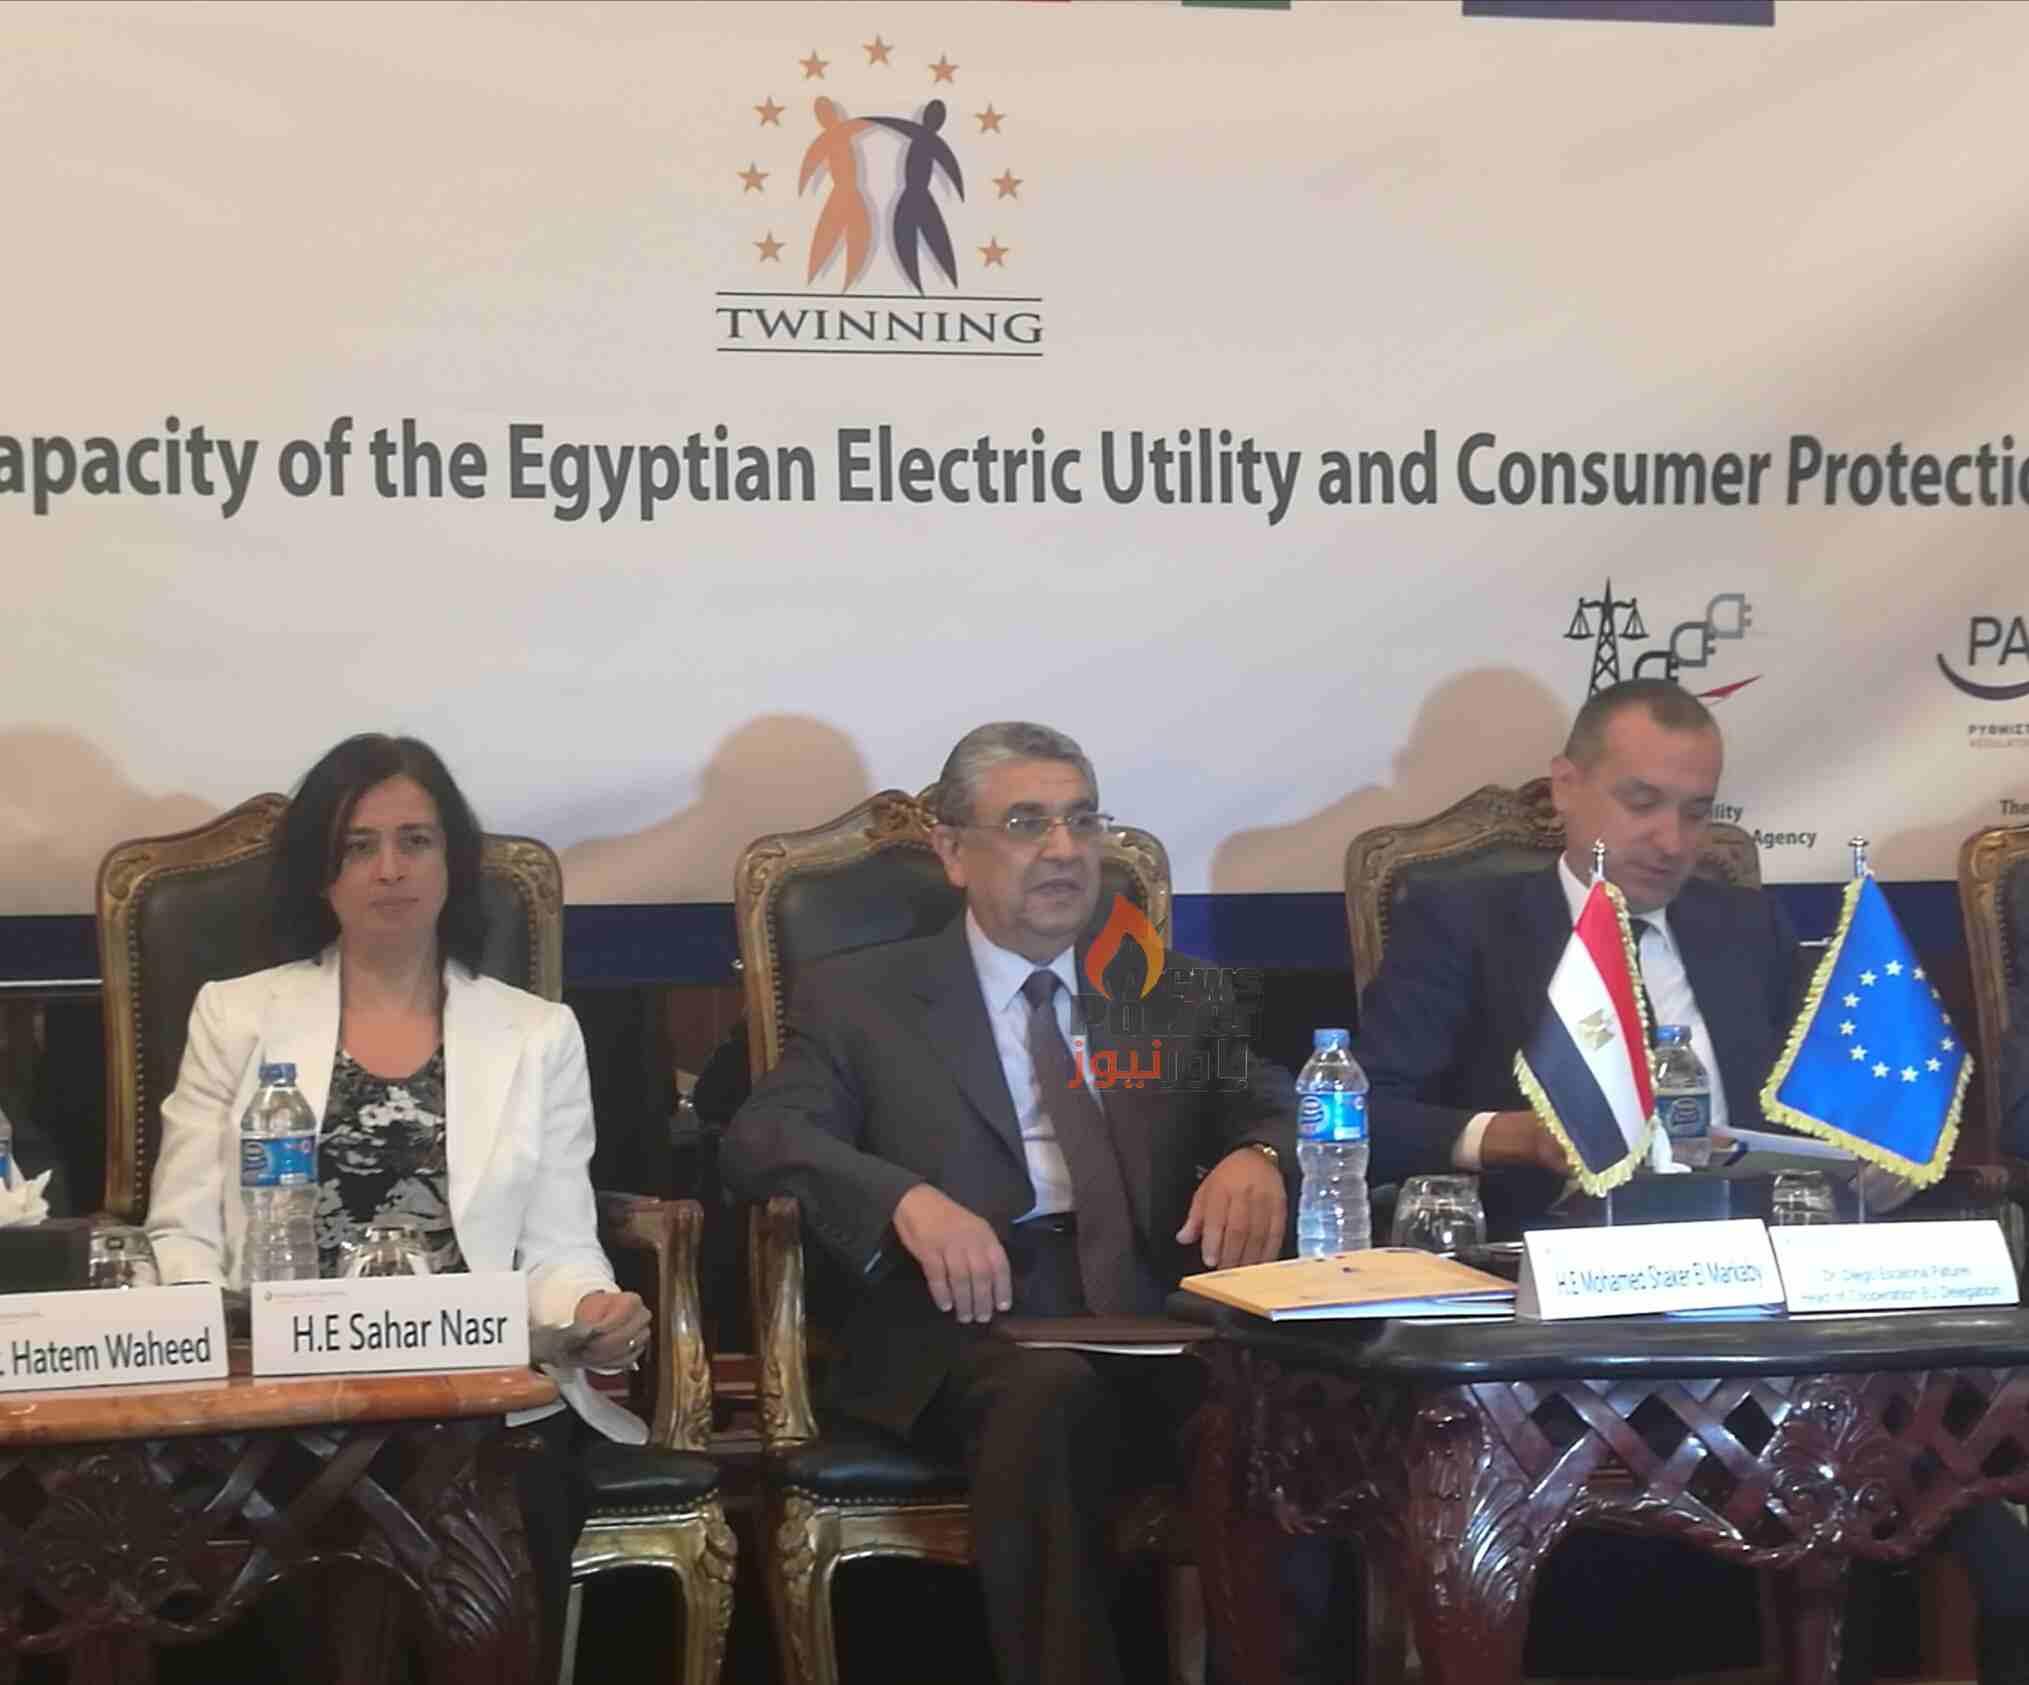 وزير الكهرباء يشارك فى حفل ختام مشروع التوأمة المؤسسية